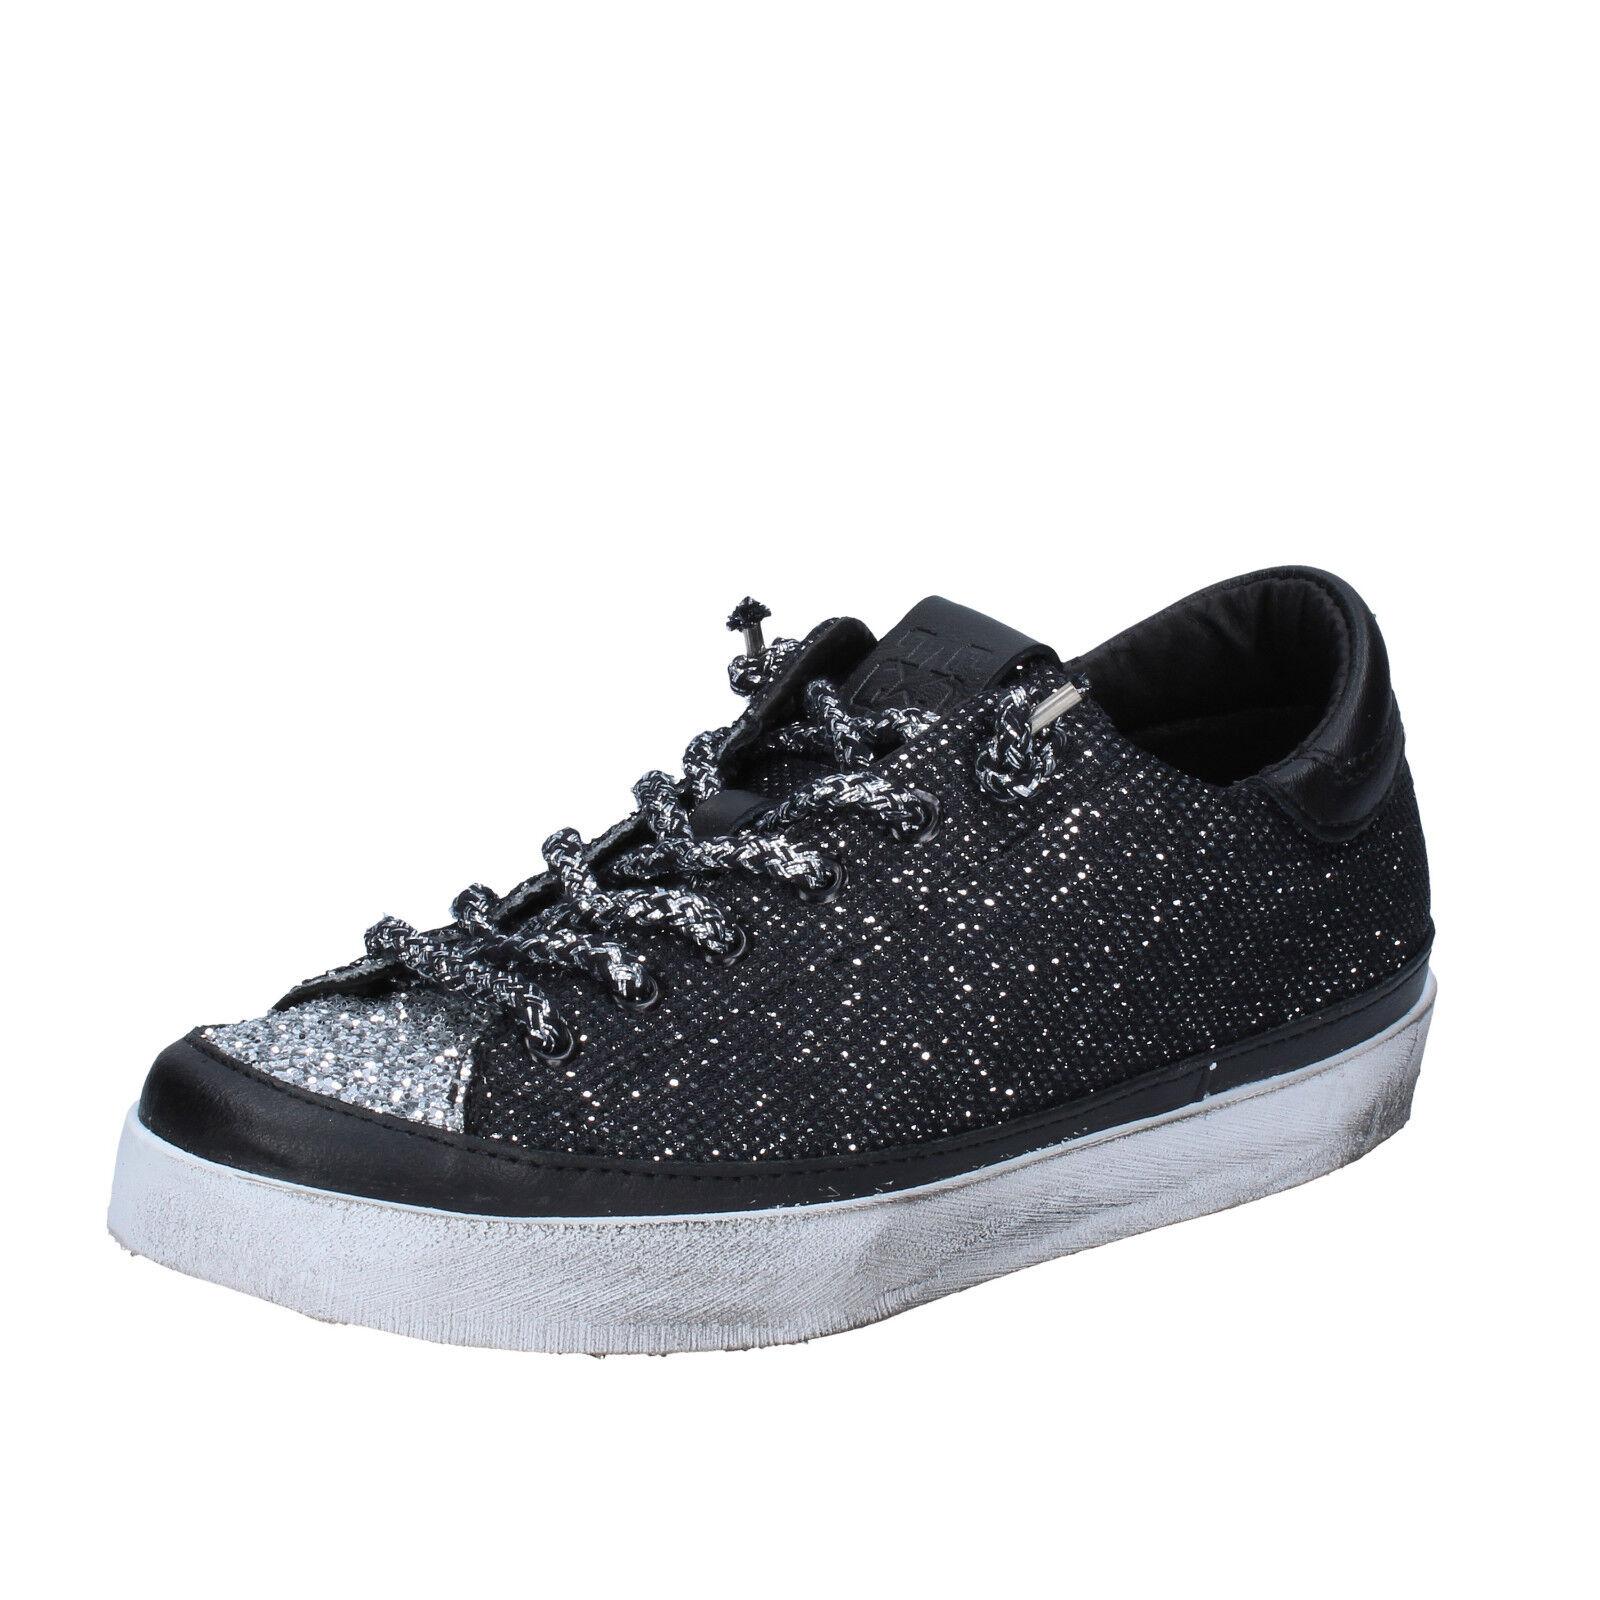 Damen schuhe 2 STAR 35 Turnschuhe silber schwarz textil glitter BZ540-B